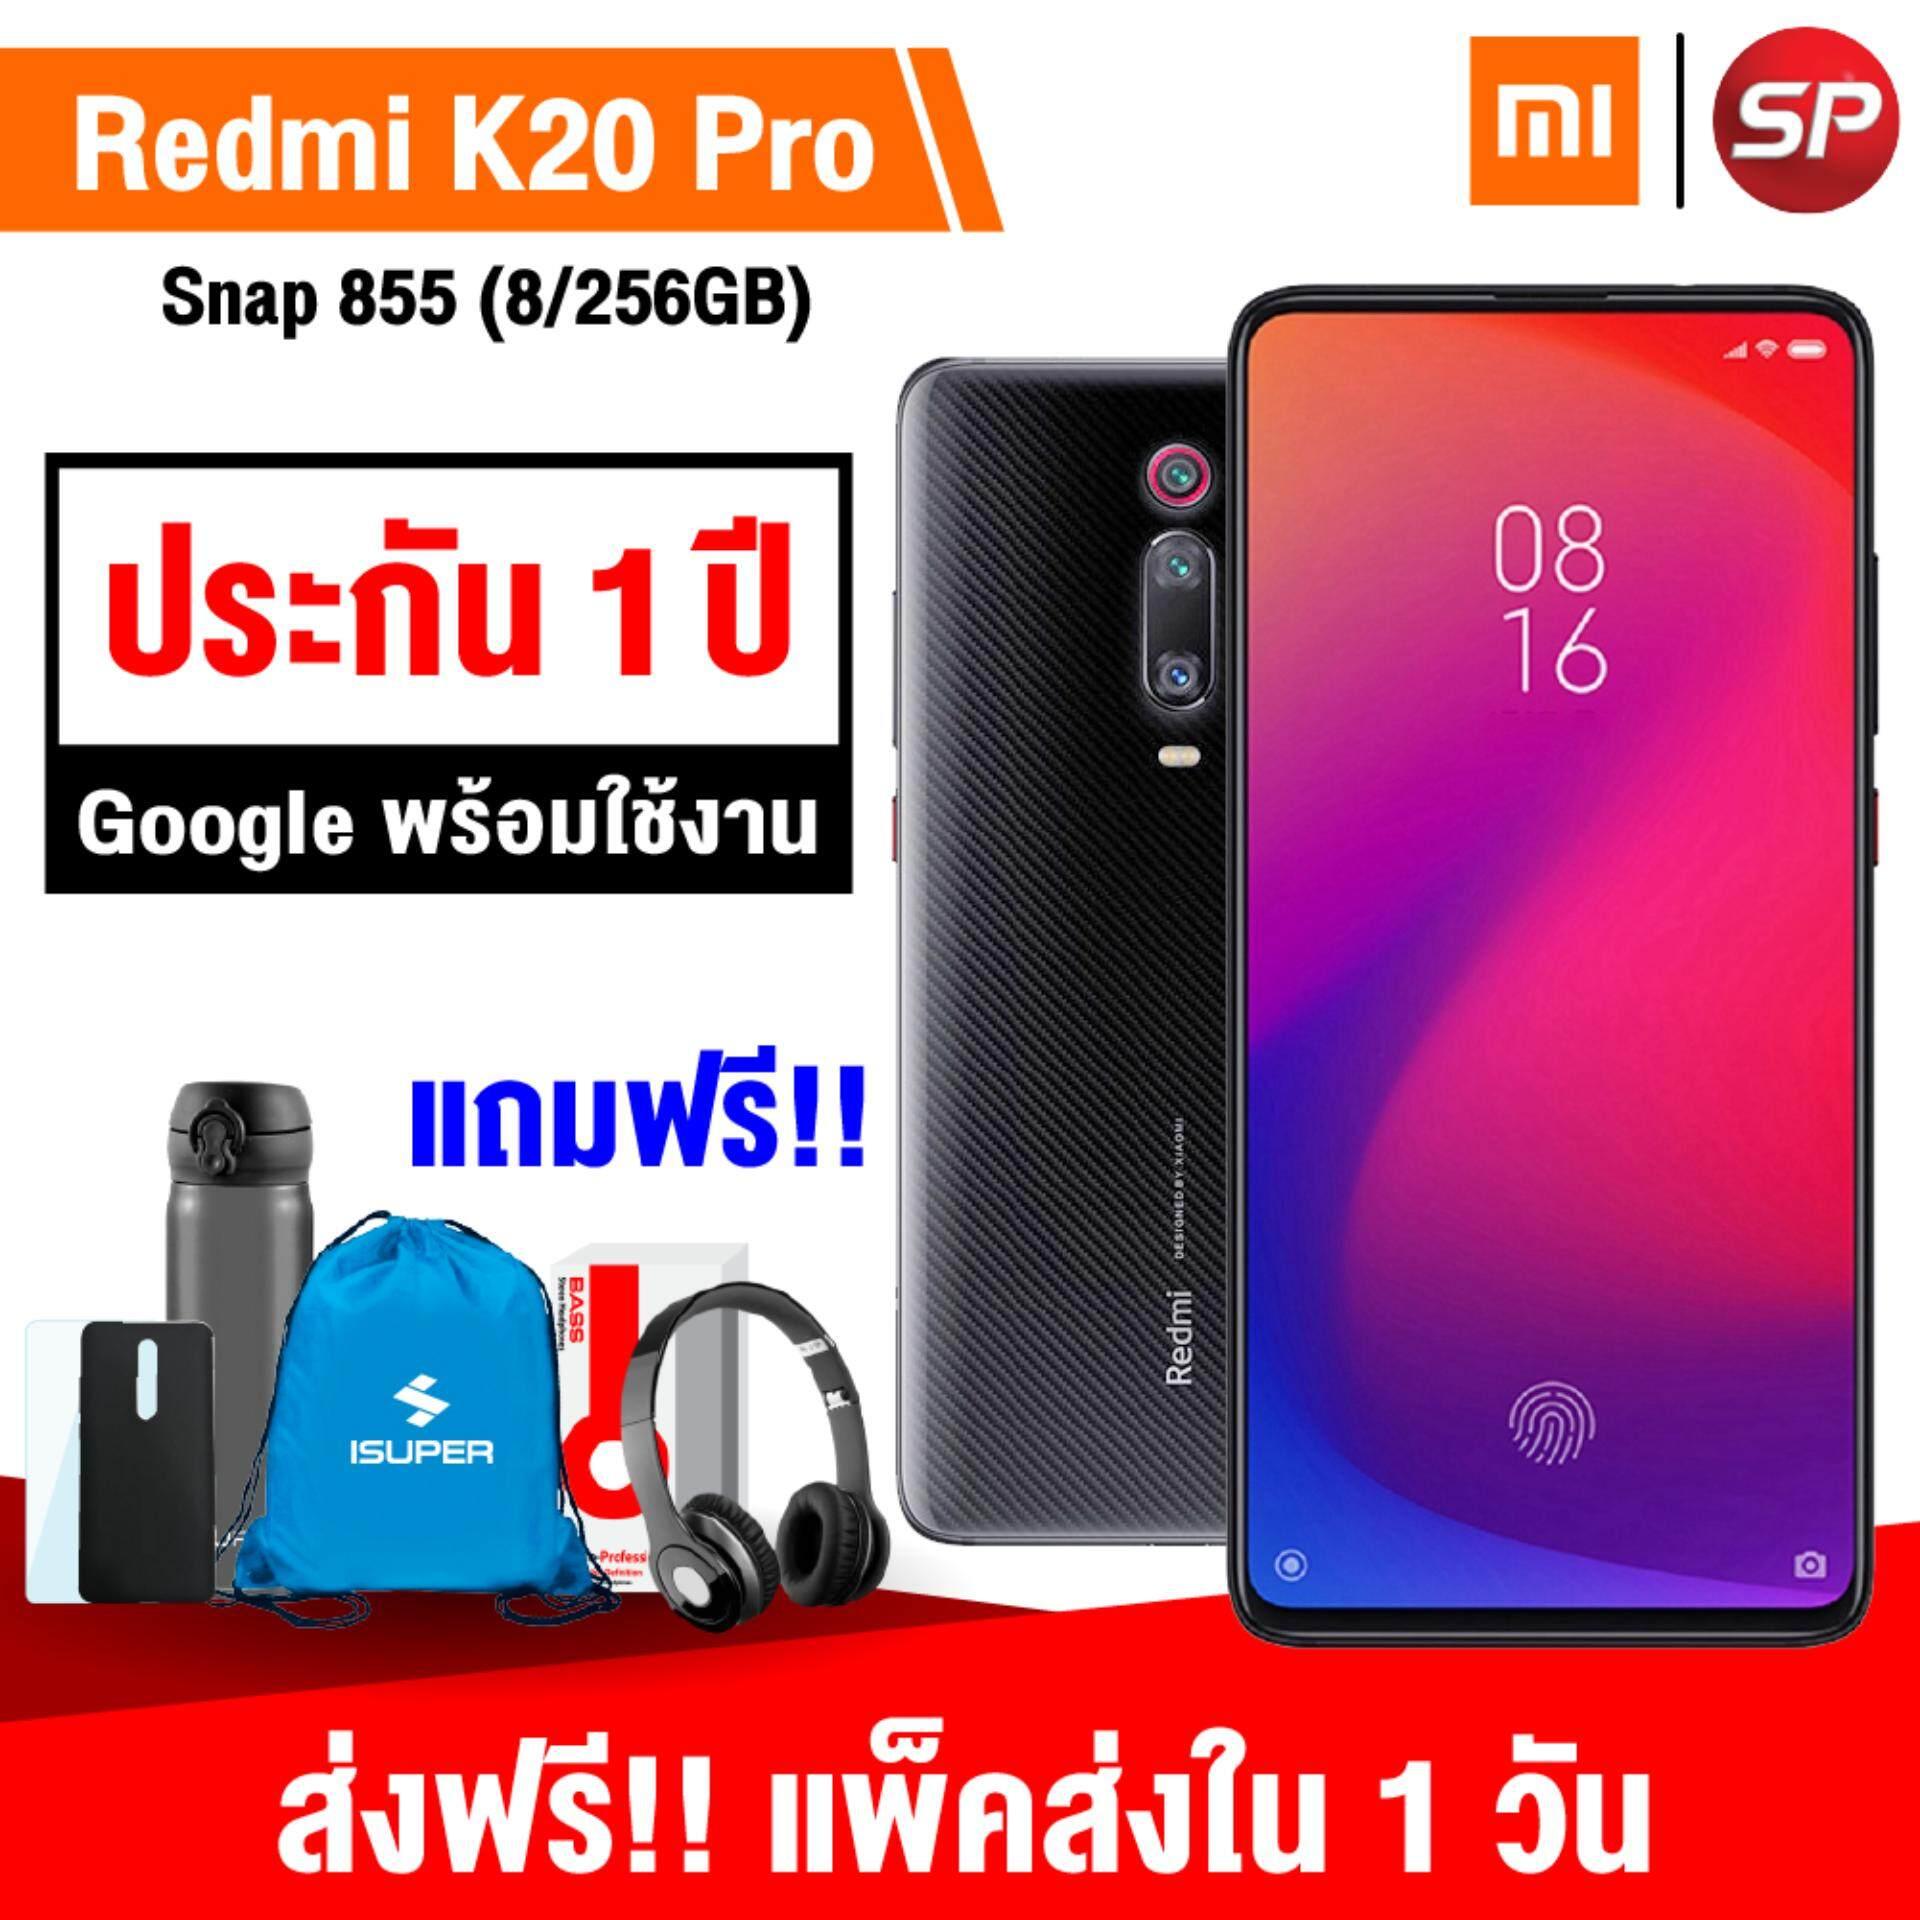 การใช้งาน  หนองบัวลำภู 【กดติดตามร้านรับส่วนลดเพิ่ม 3%】【ส่งฟรี!!】【ของแถมชุดใหญ่】Xiaomi Redmi K20 Pro (8/256GB) [CN. Version] แถมฟรี!! Sport Bag (คละสี) + หูฟังครอบหู BASS + กระบอกน้ำ Stainless เก็บความเย็น (คละสี) + ฟิล์มกันรอย มาพร้อม Premium Black Case